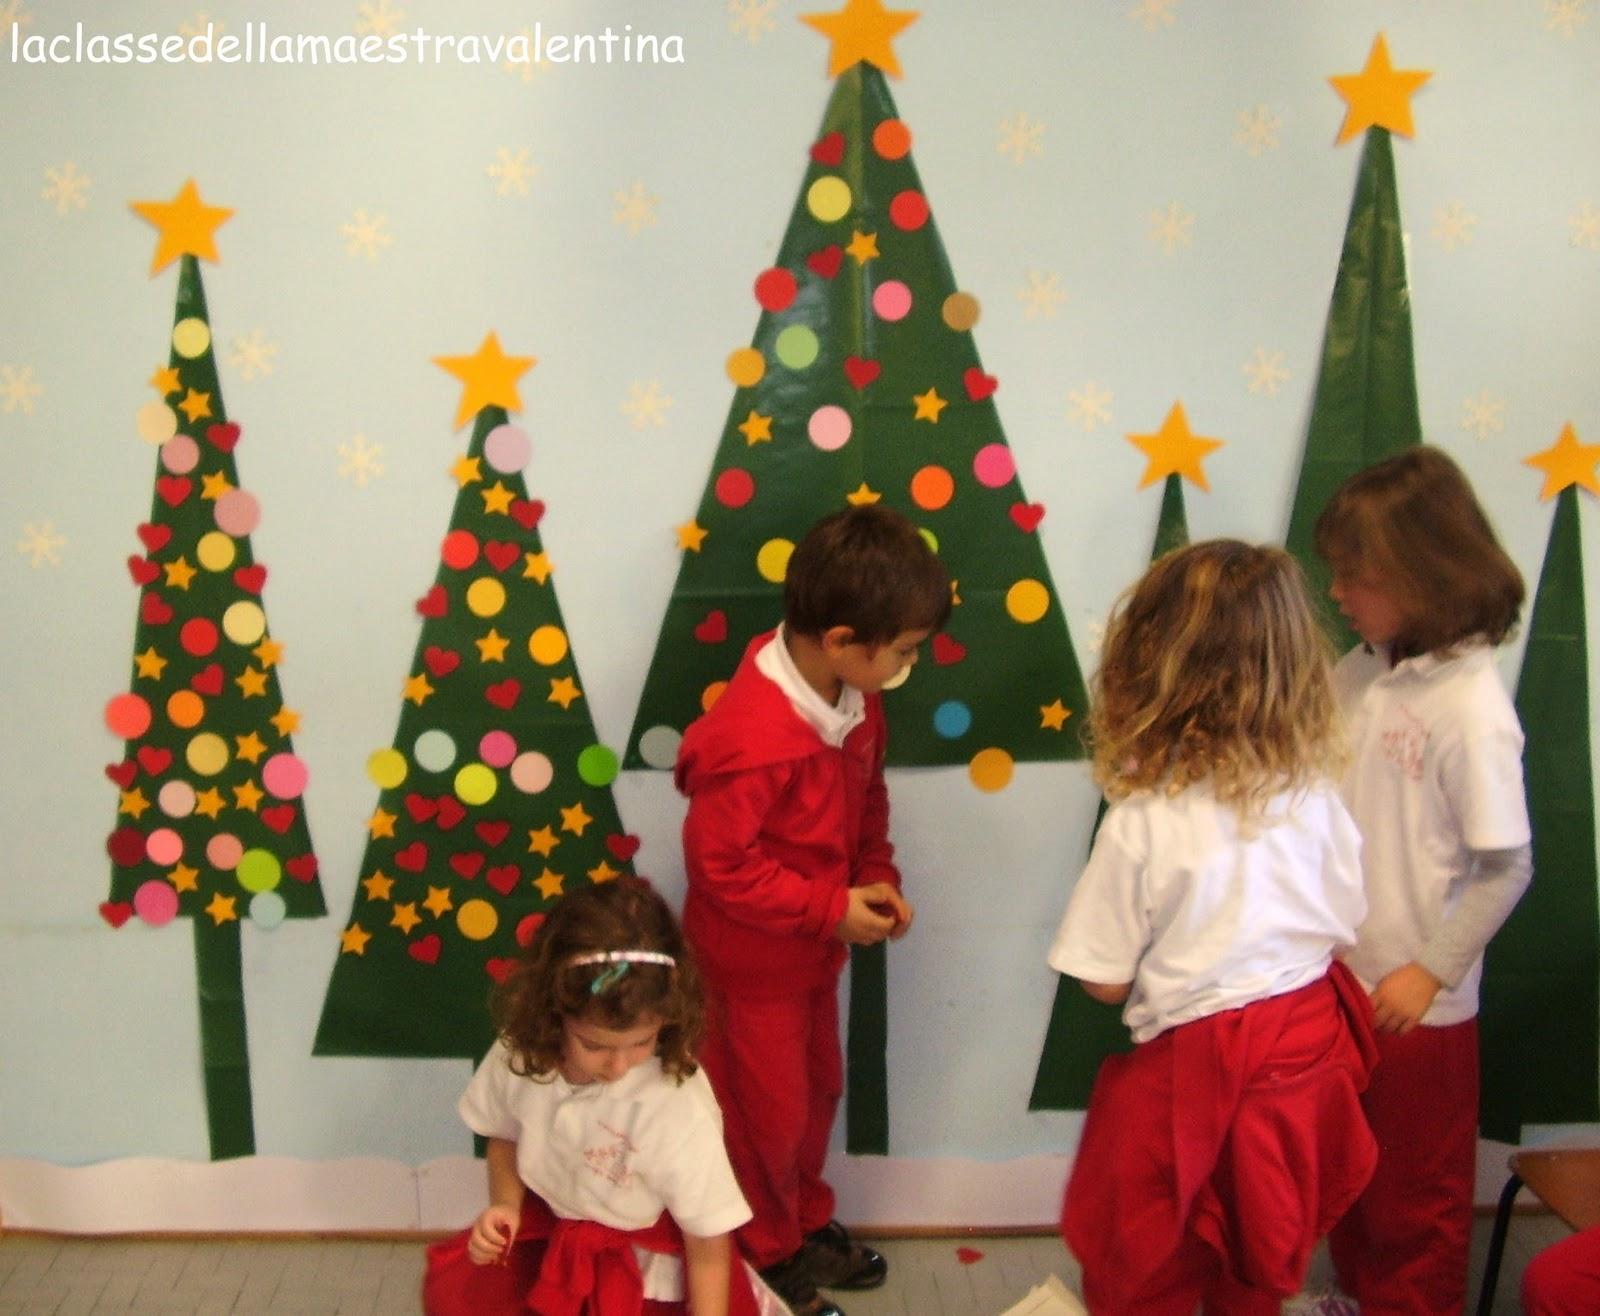 La classe della maestra valentina natale con i bambini for Addobbi natalizi per la classe